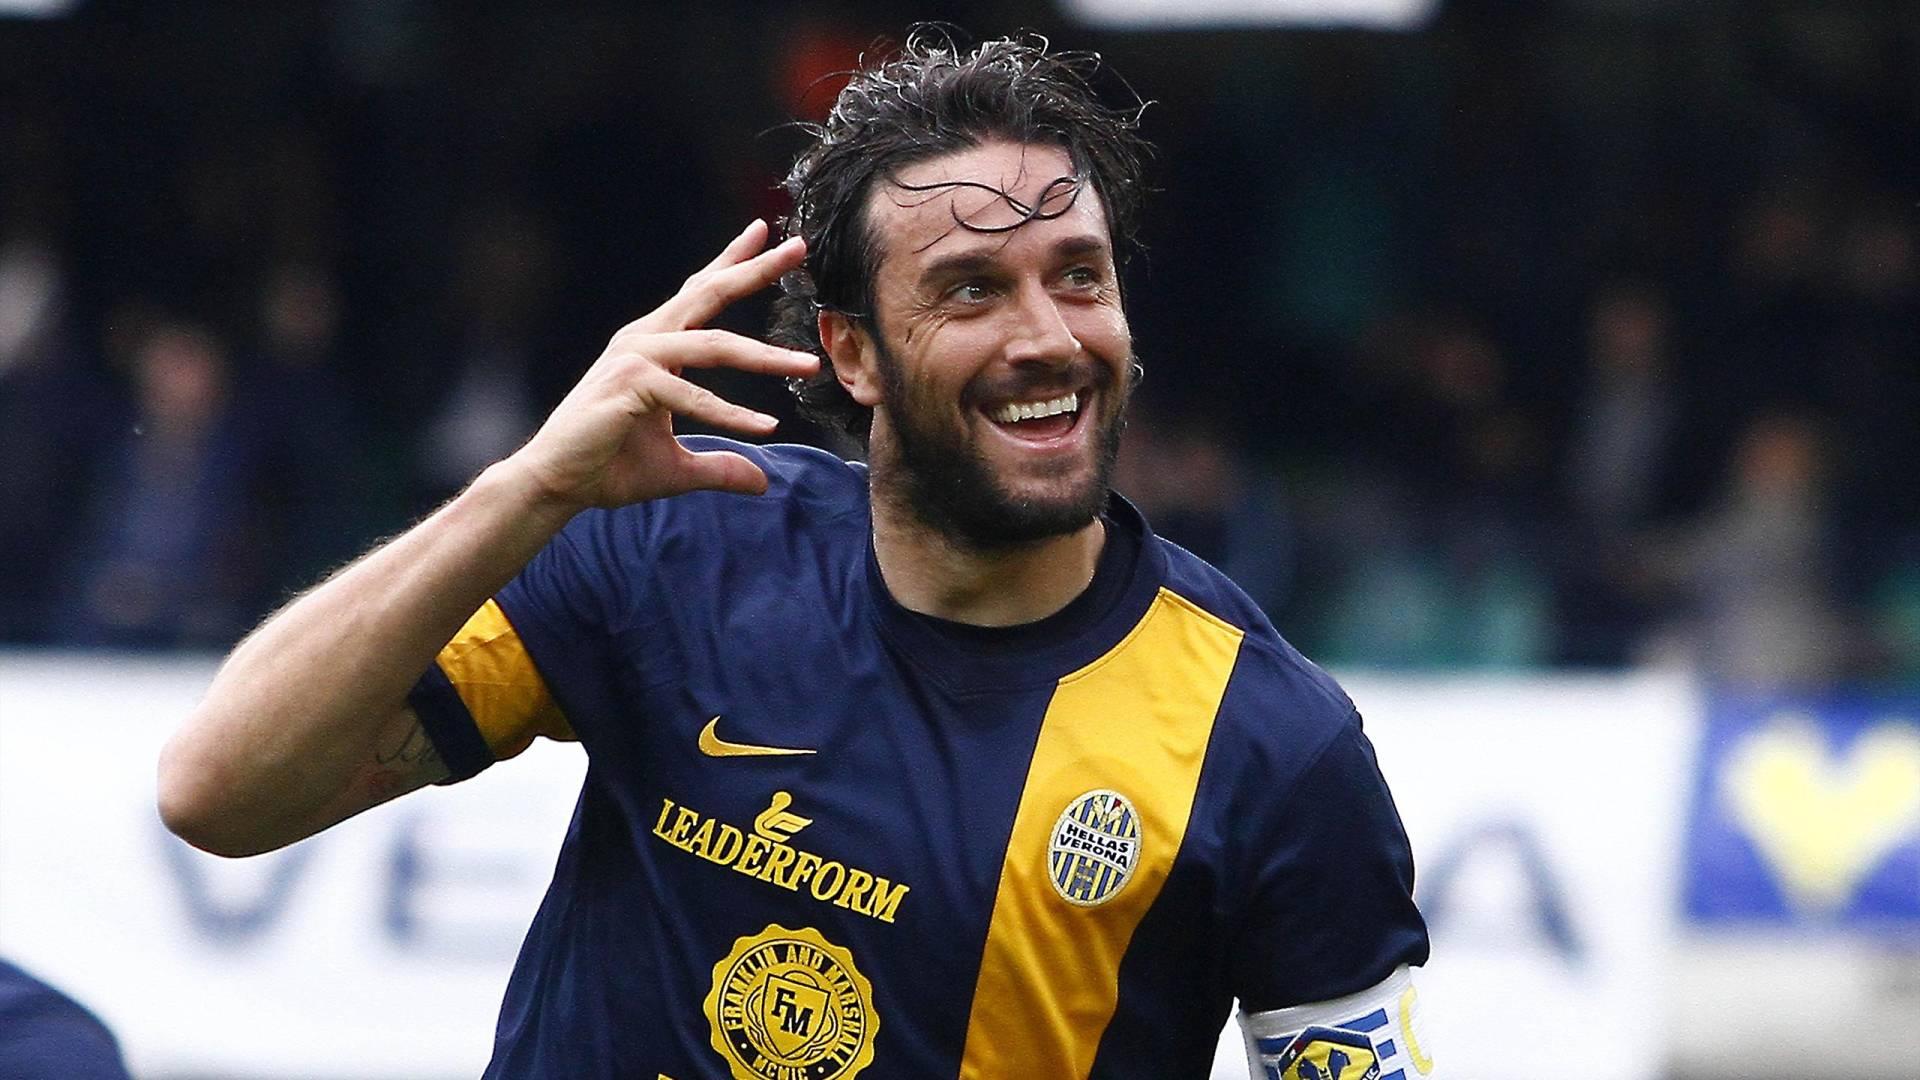 NAJBOLJI STRIJELAC TALIJANSKE LIGE: Luca Toni još jednu godinu u Veroni